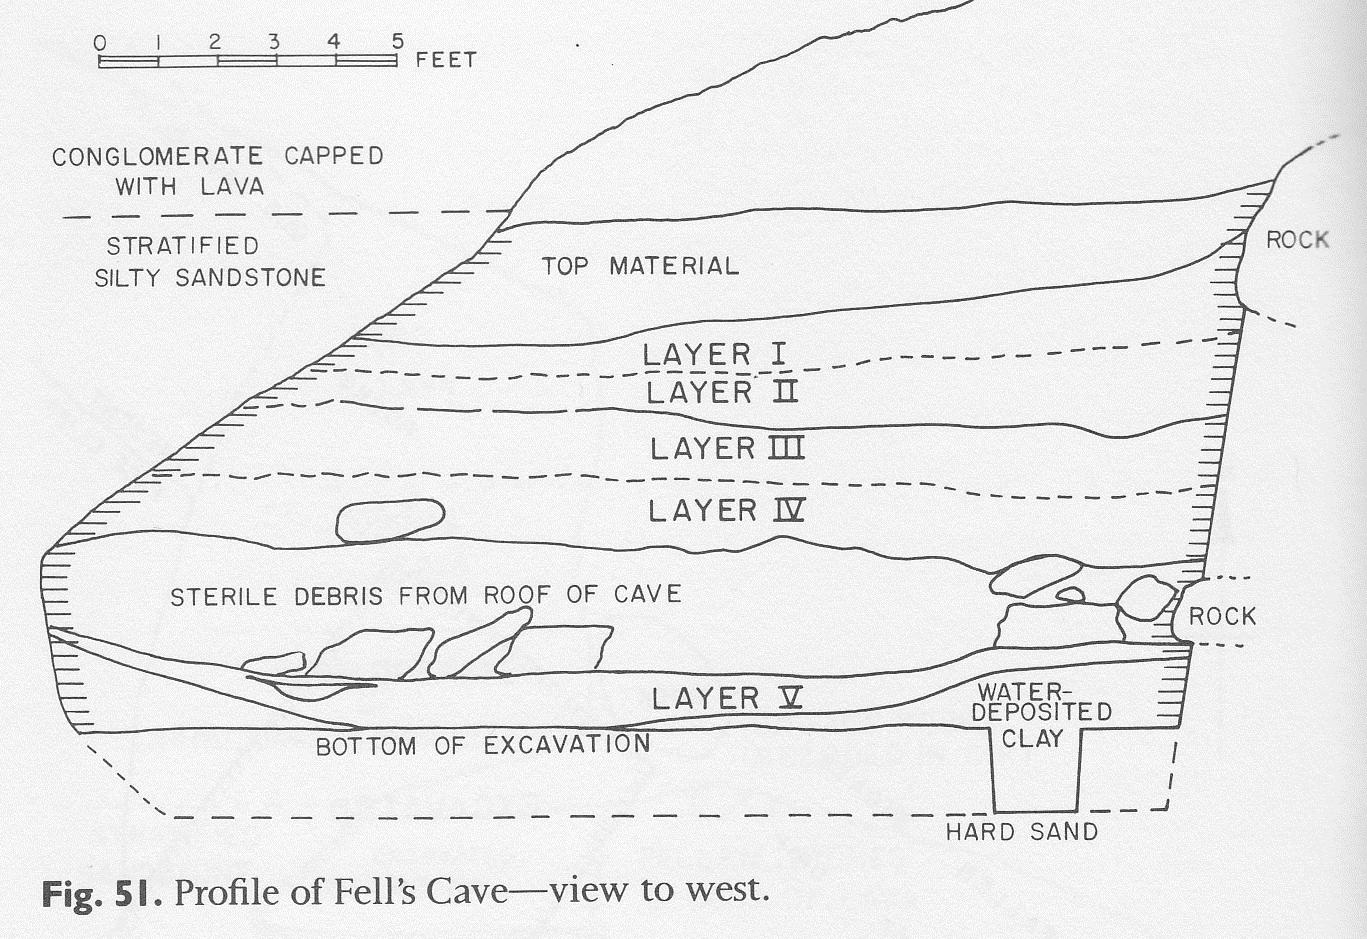 dating în stratigrafie